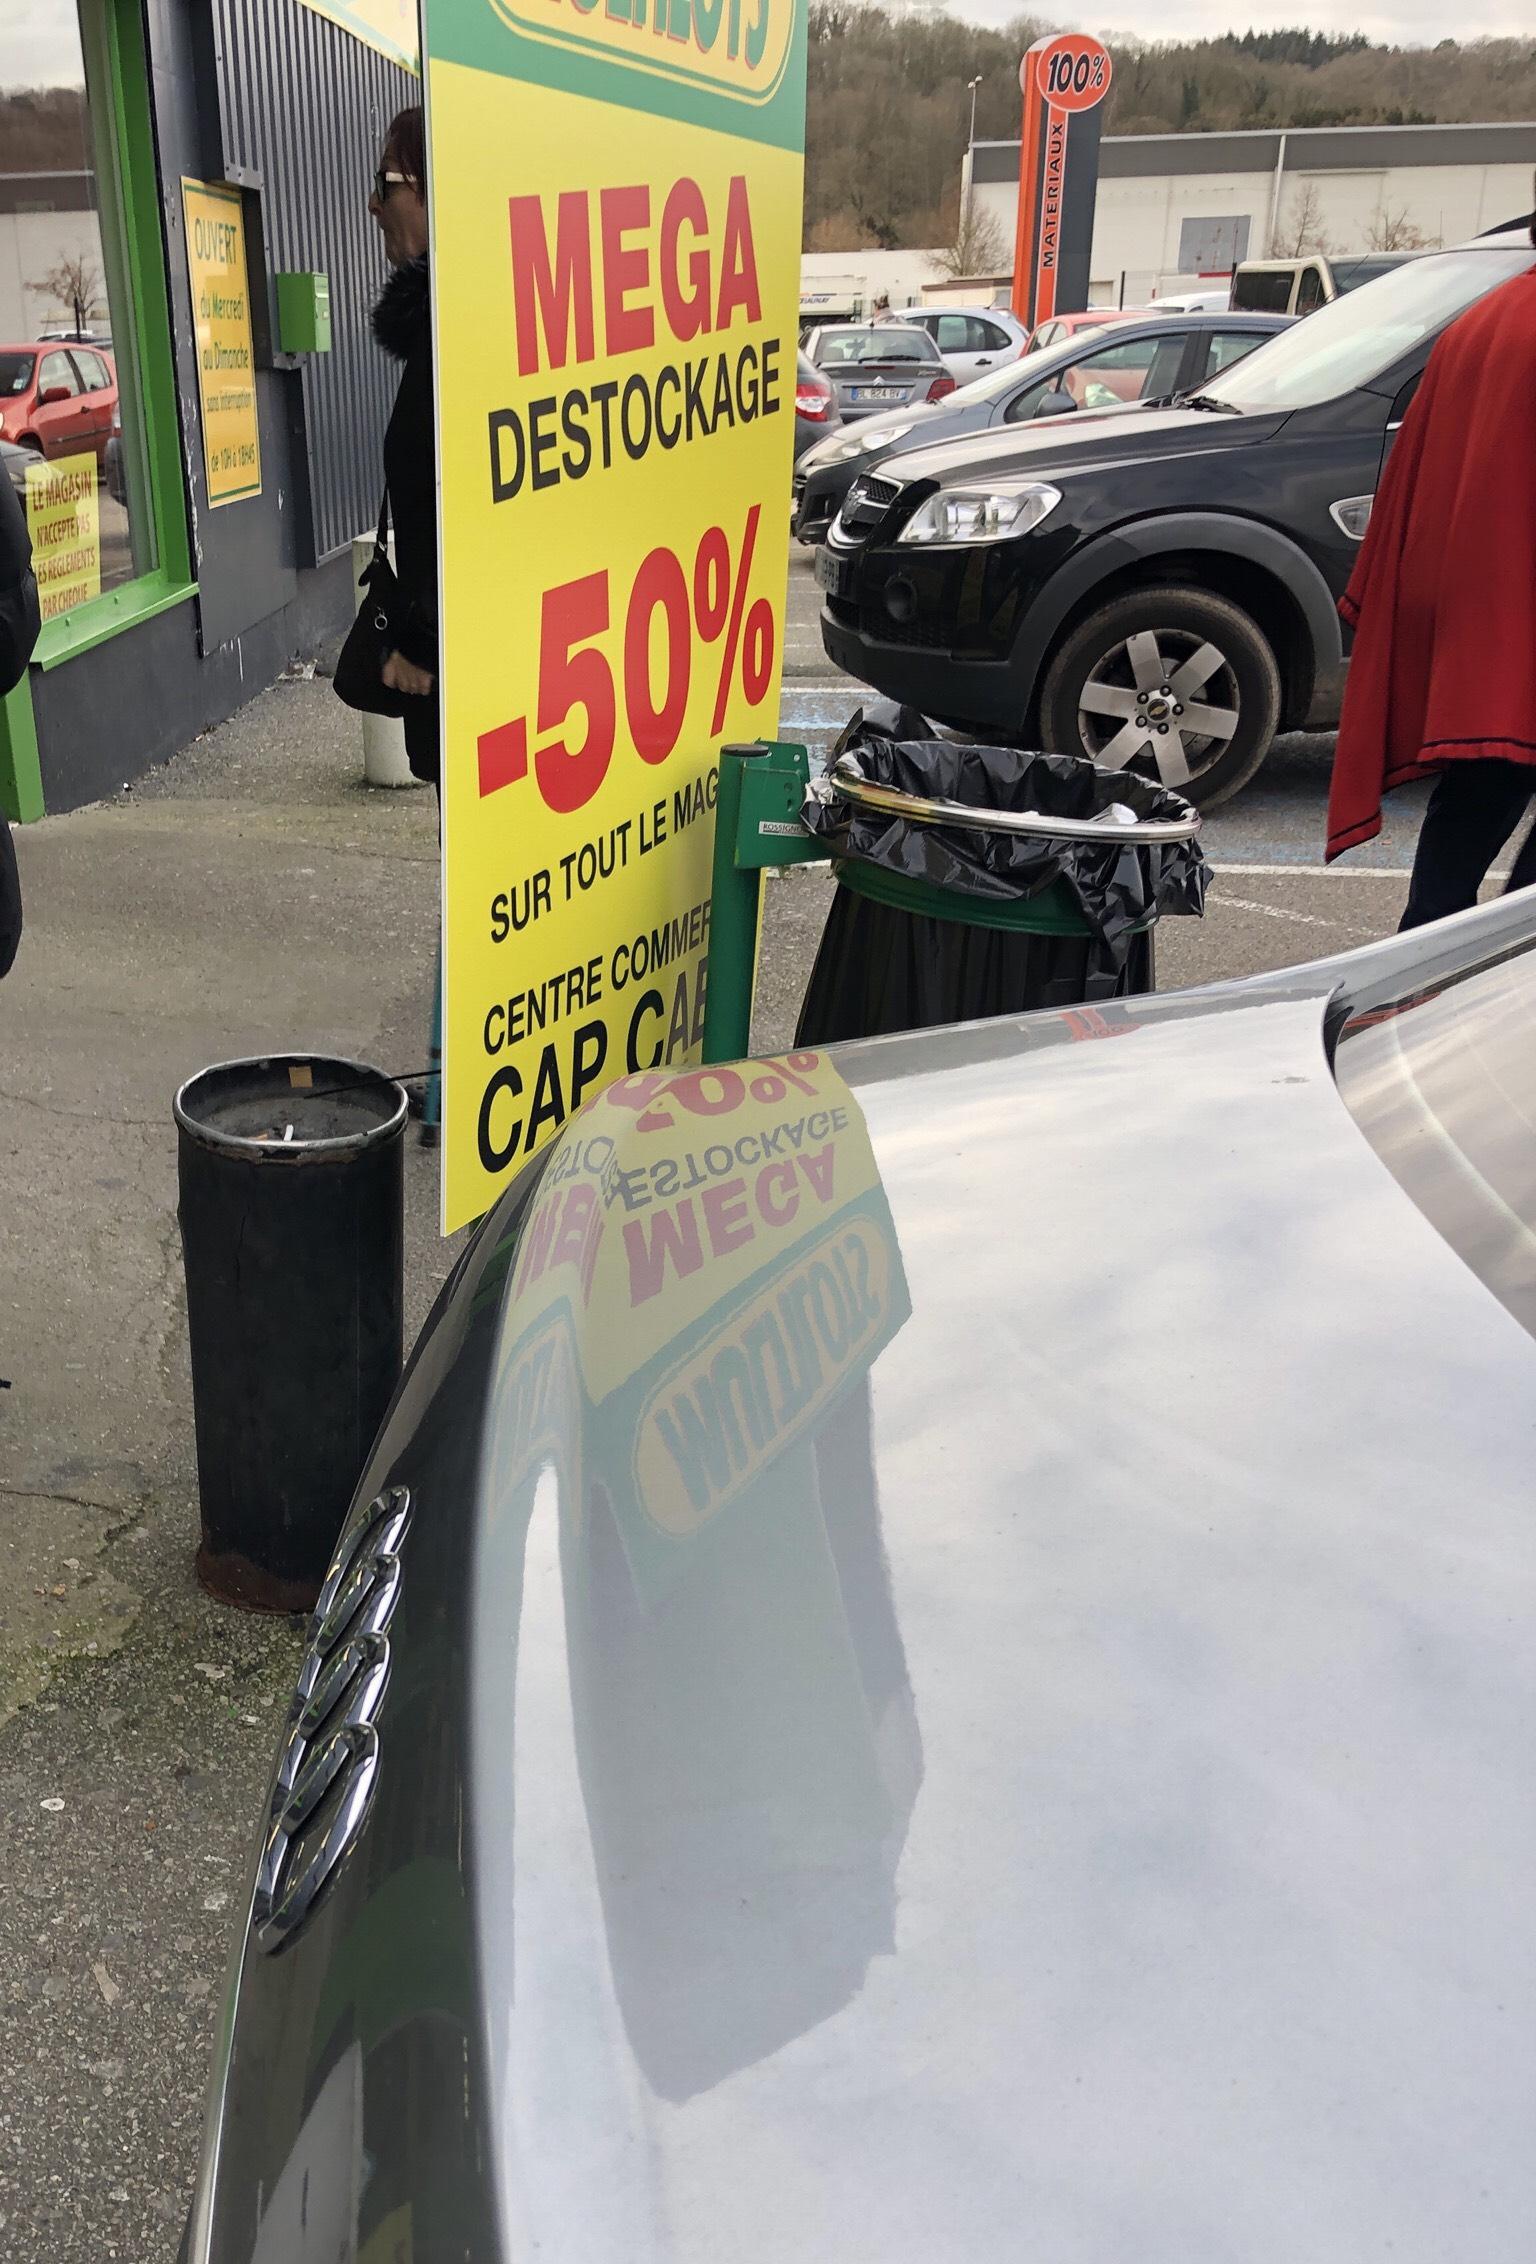 50% de réduction sur tout le magasin - Multilots Normanville (27)